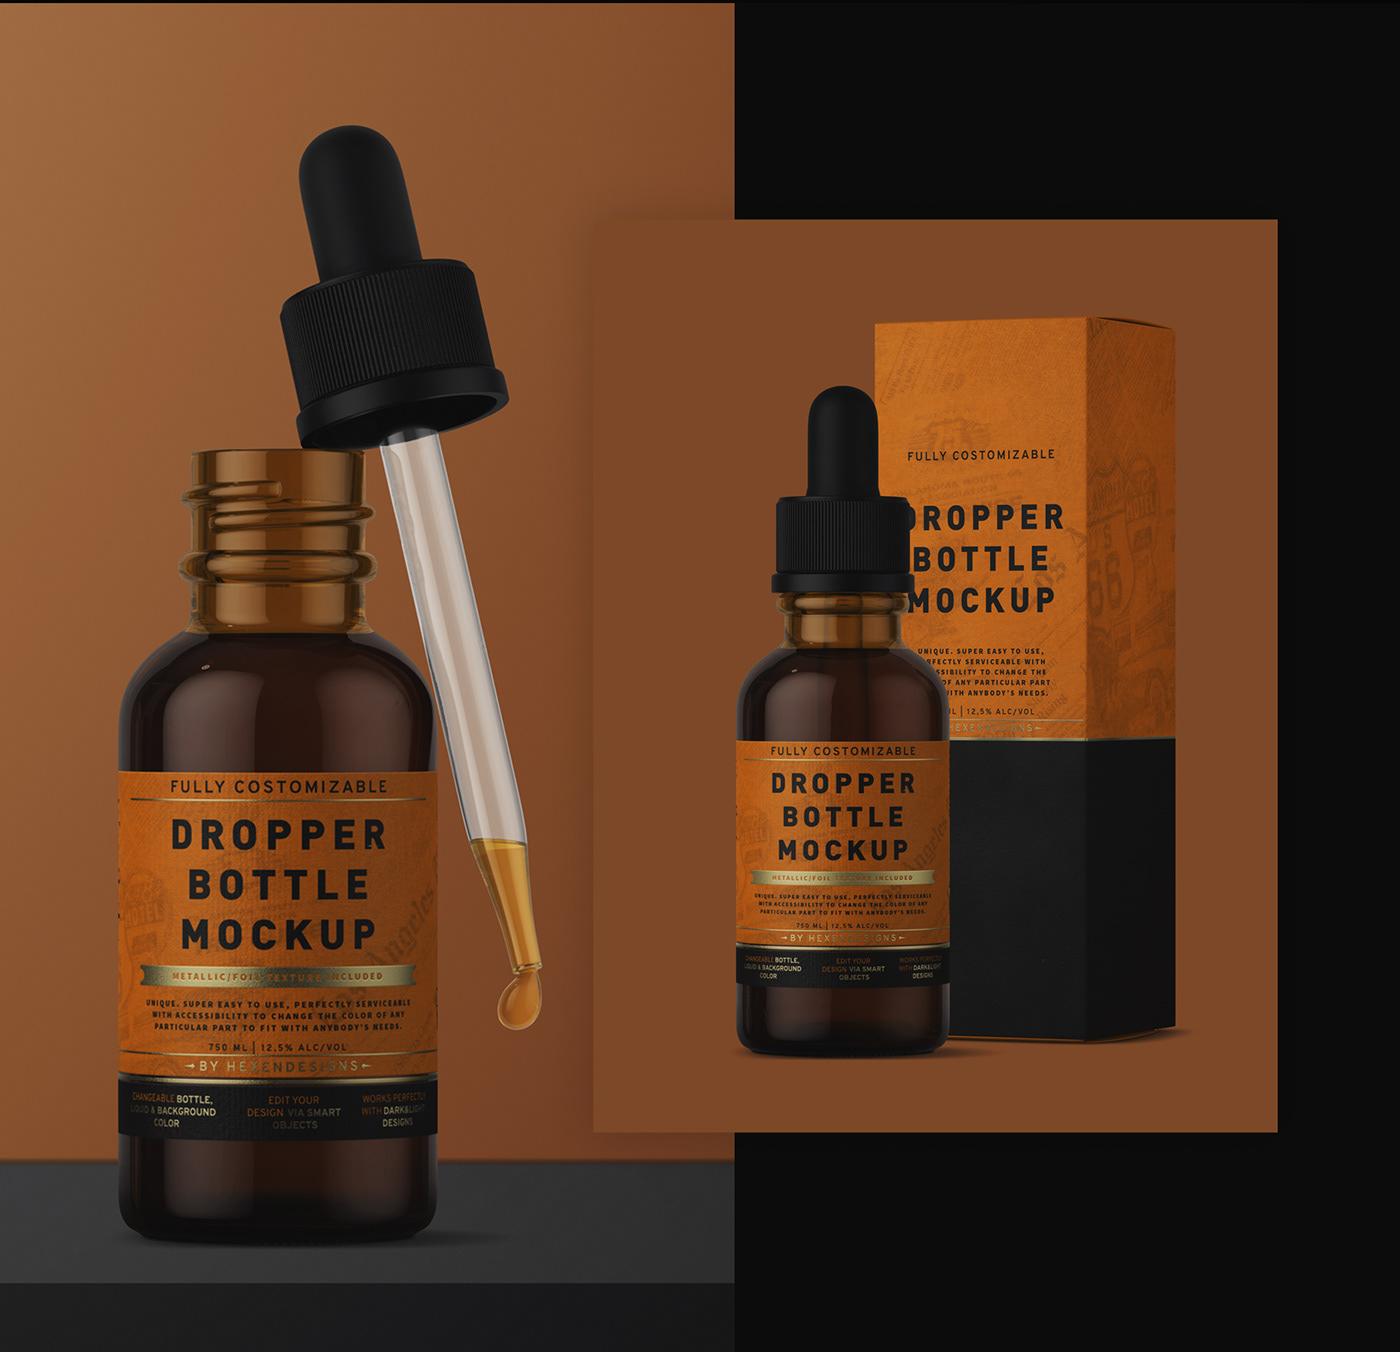 Download Dropper Bottle Mockup + Free Version on Behance Free Mockups